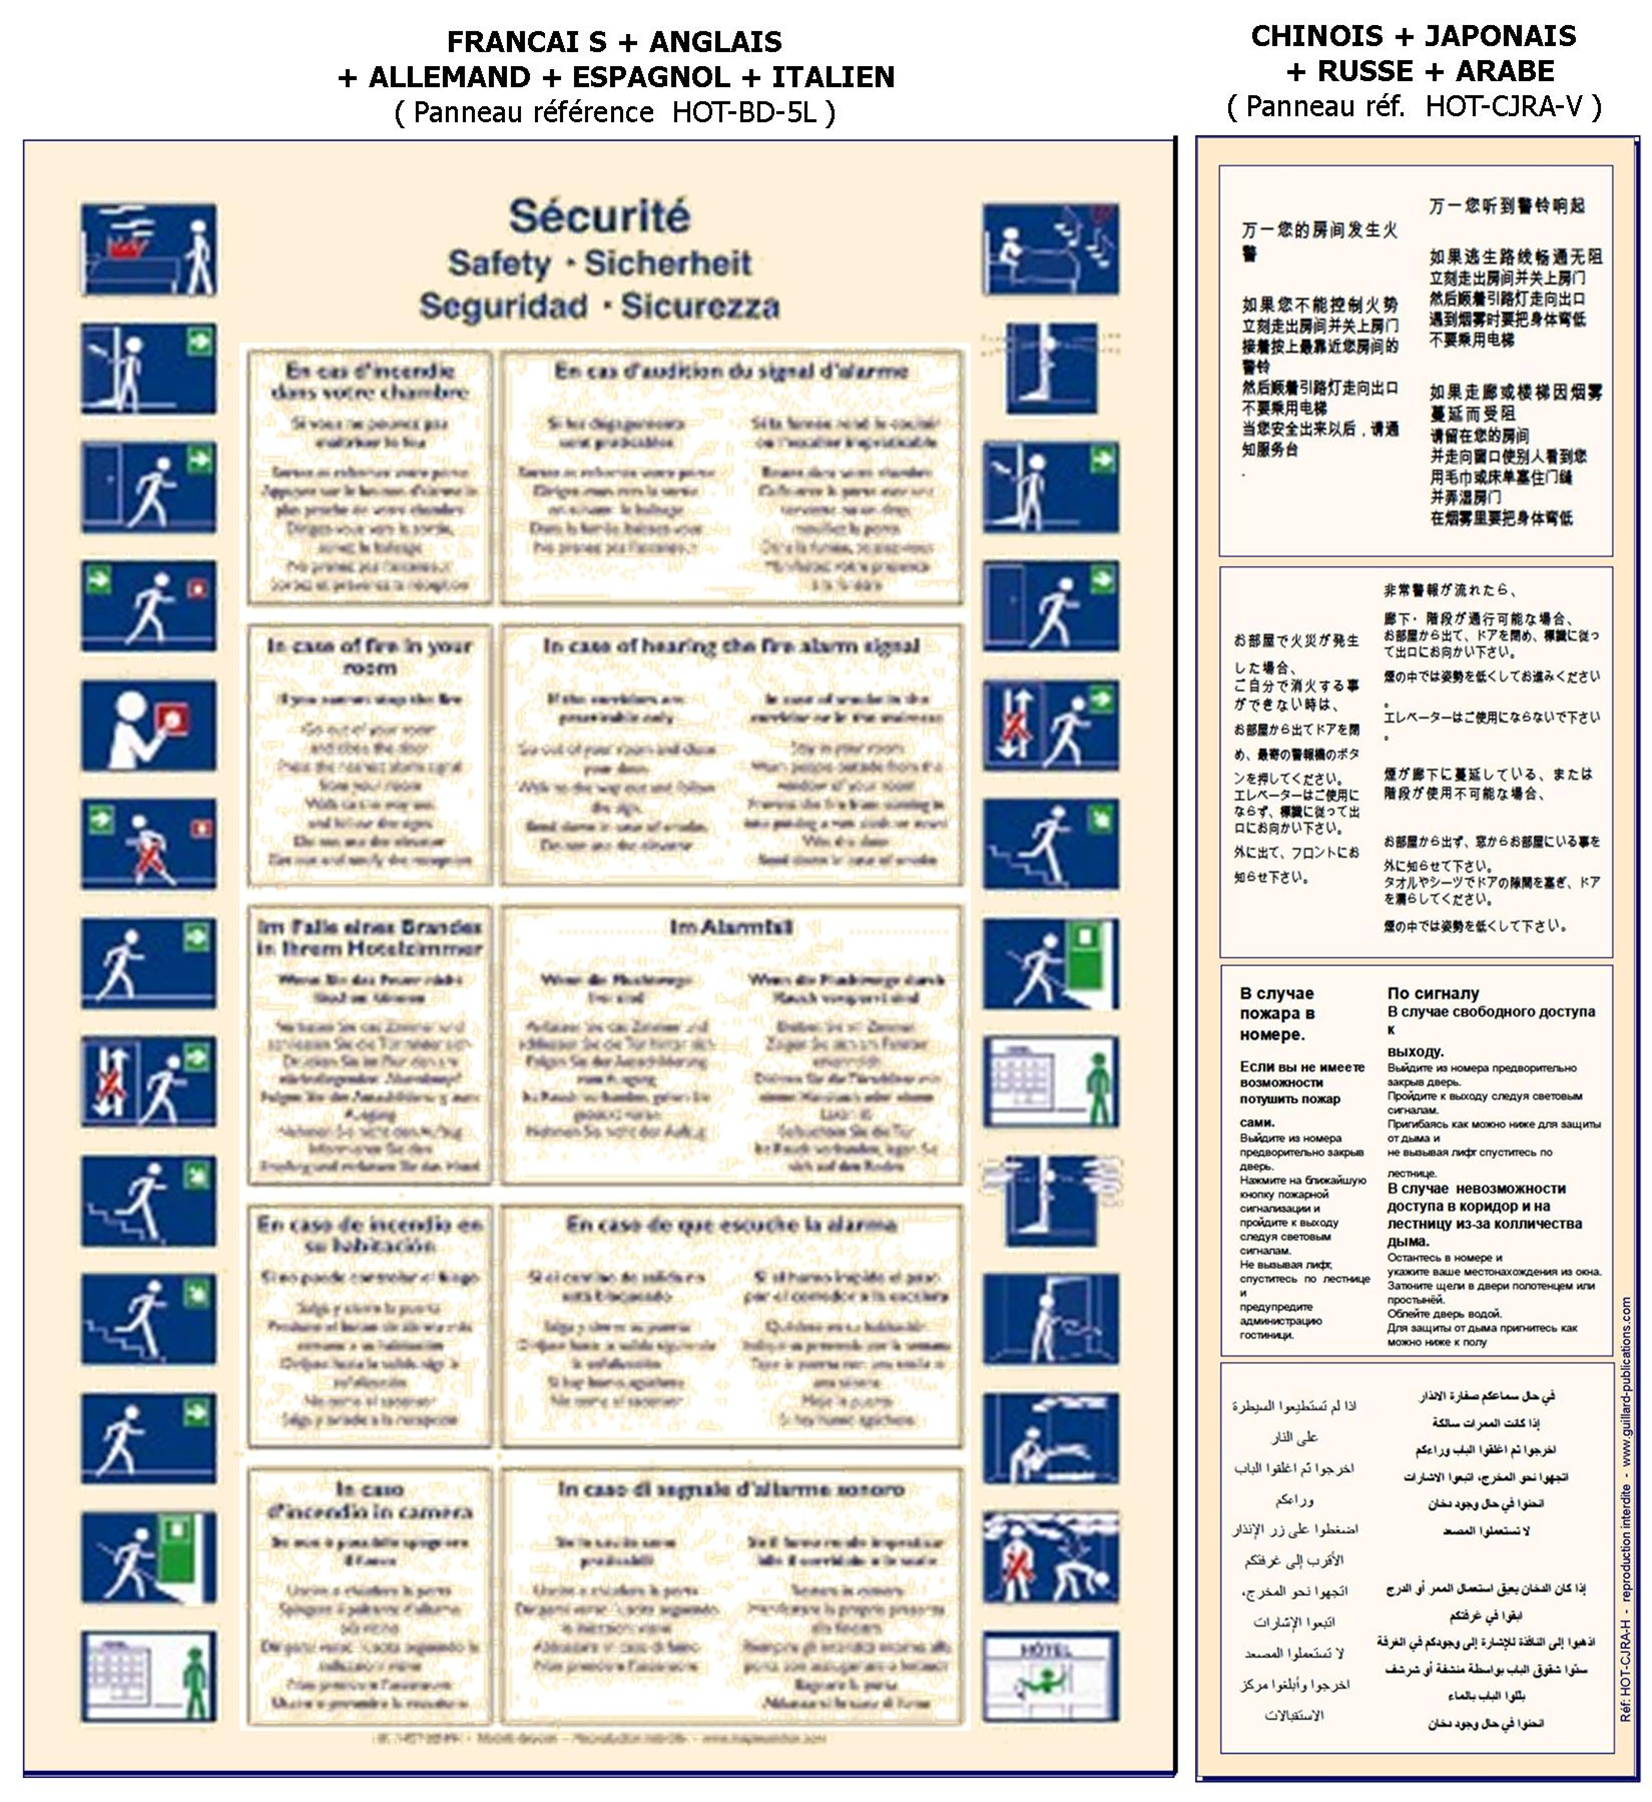 Panneau De Consignes De Sécurité Pour Chambre D'hôtel En CHINOIS + JAPONAIS